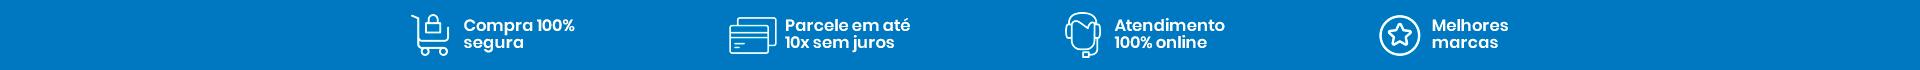 Banner Tarja 1920